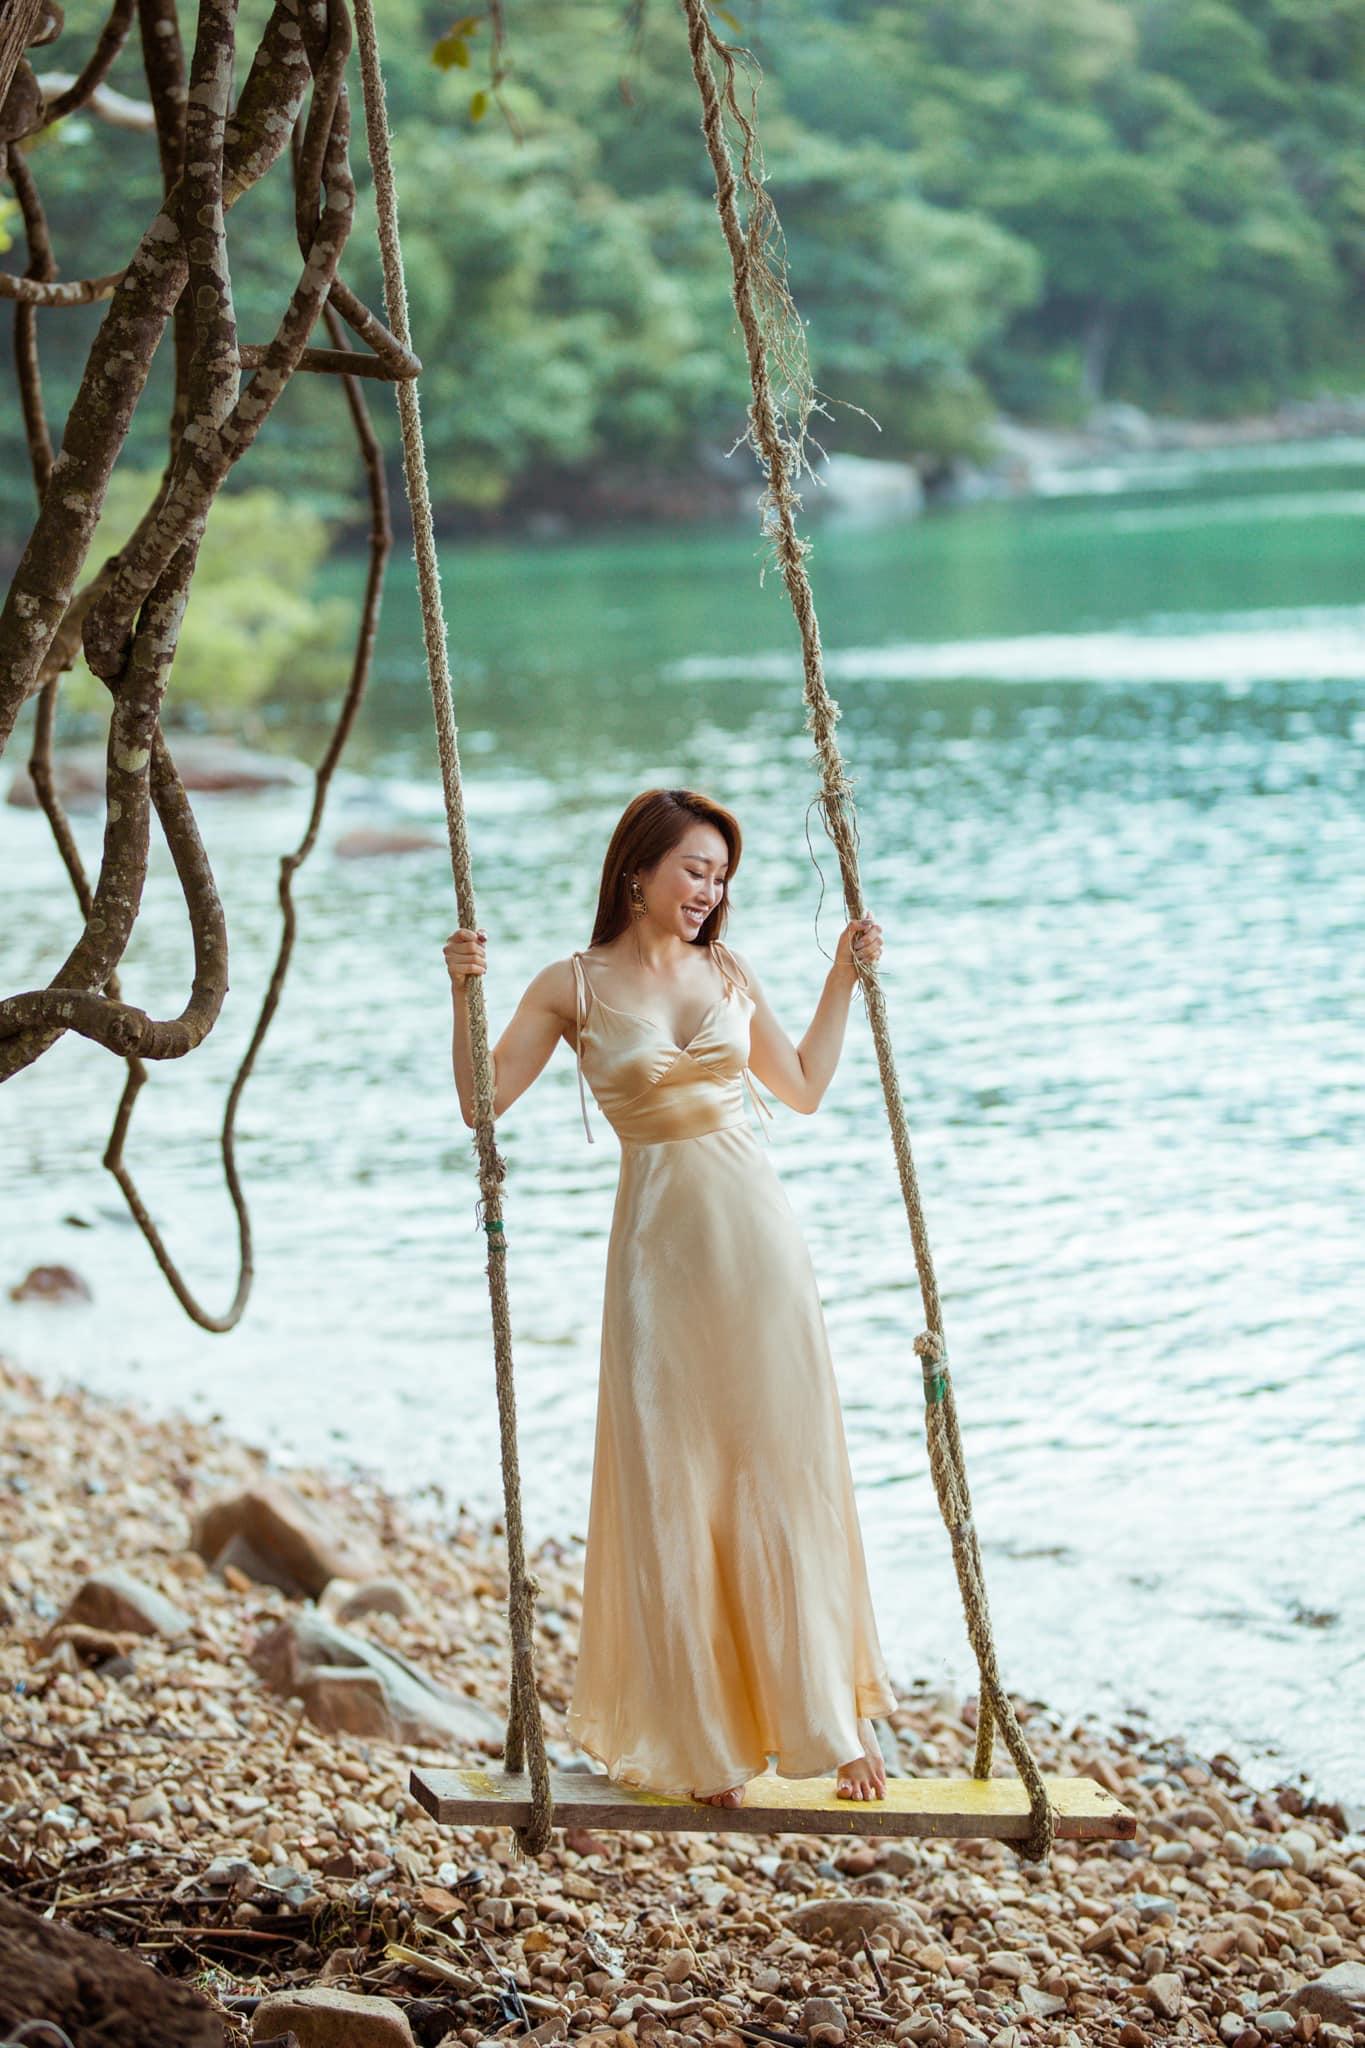 Bạn gái CEO kém 16 tuổi của Chi Bảo đẹp gợi cảm, tâm đầu ý hợp - hình ảnh 8